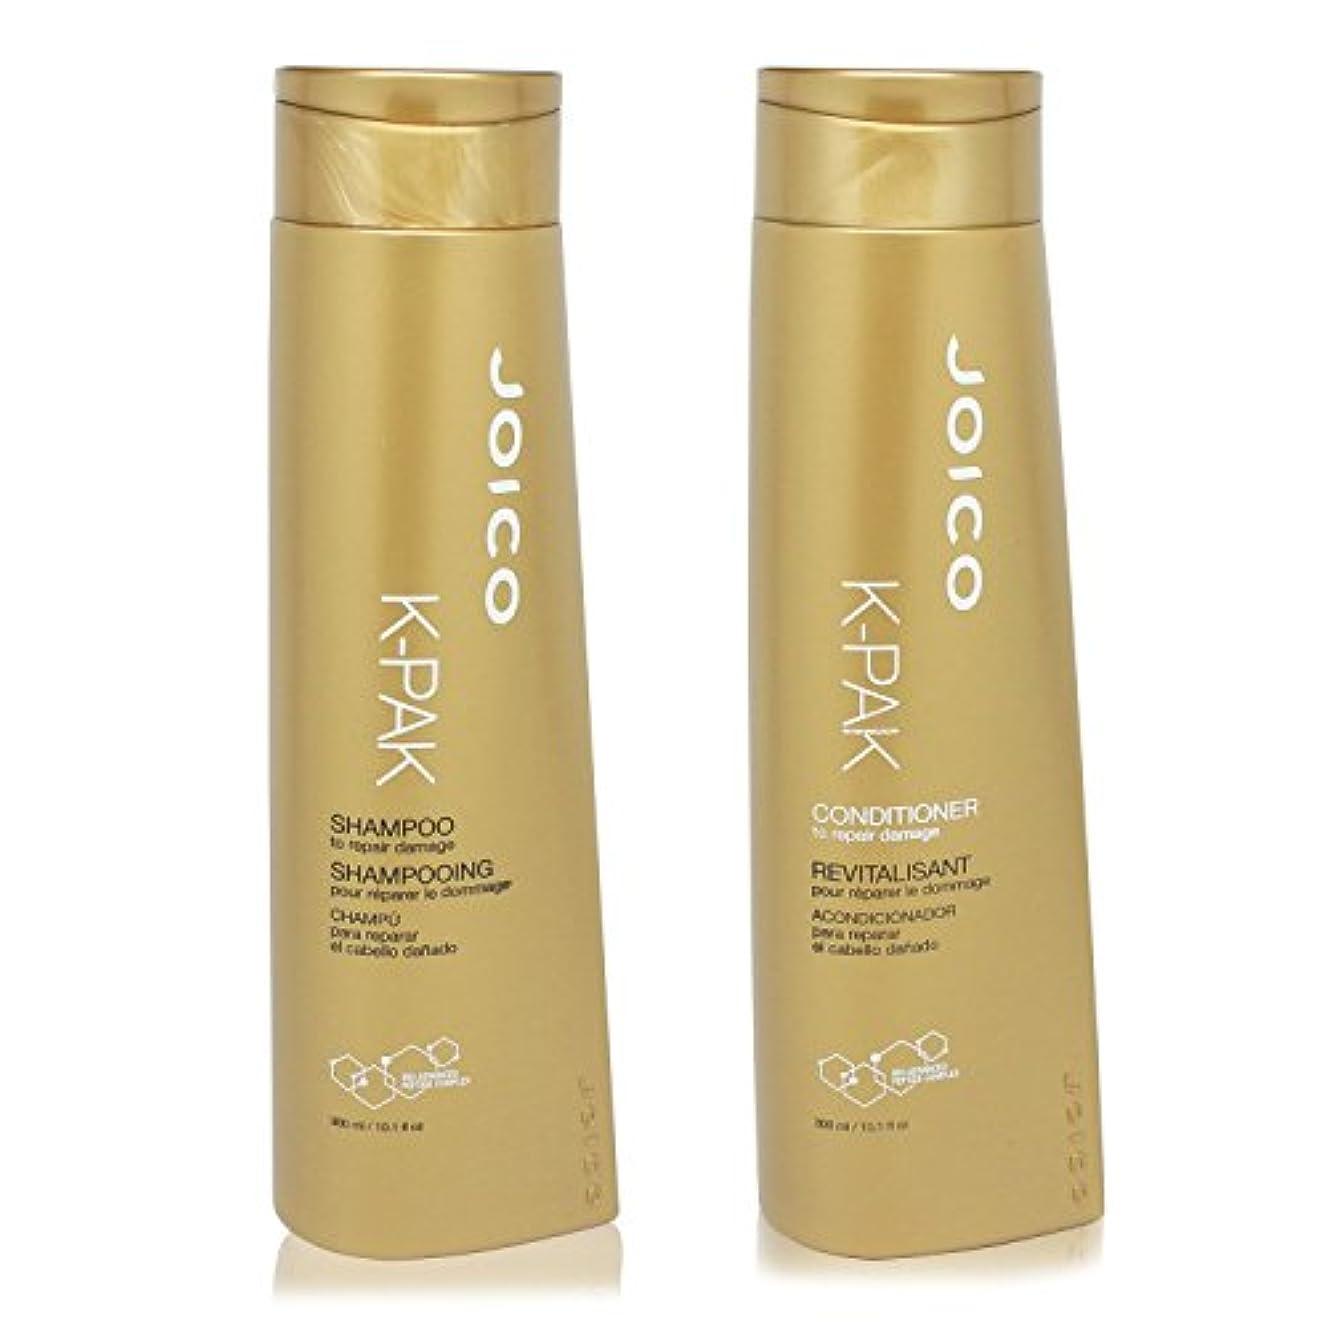 錫スクリーチ存在JOICO K PAK Reconstruct Shampoo and Conditioner 10.1oz Duo Set (To repair damaged hair) by Joico